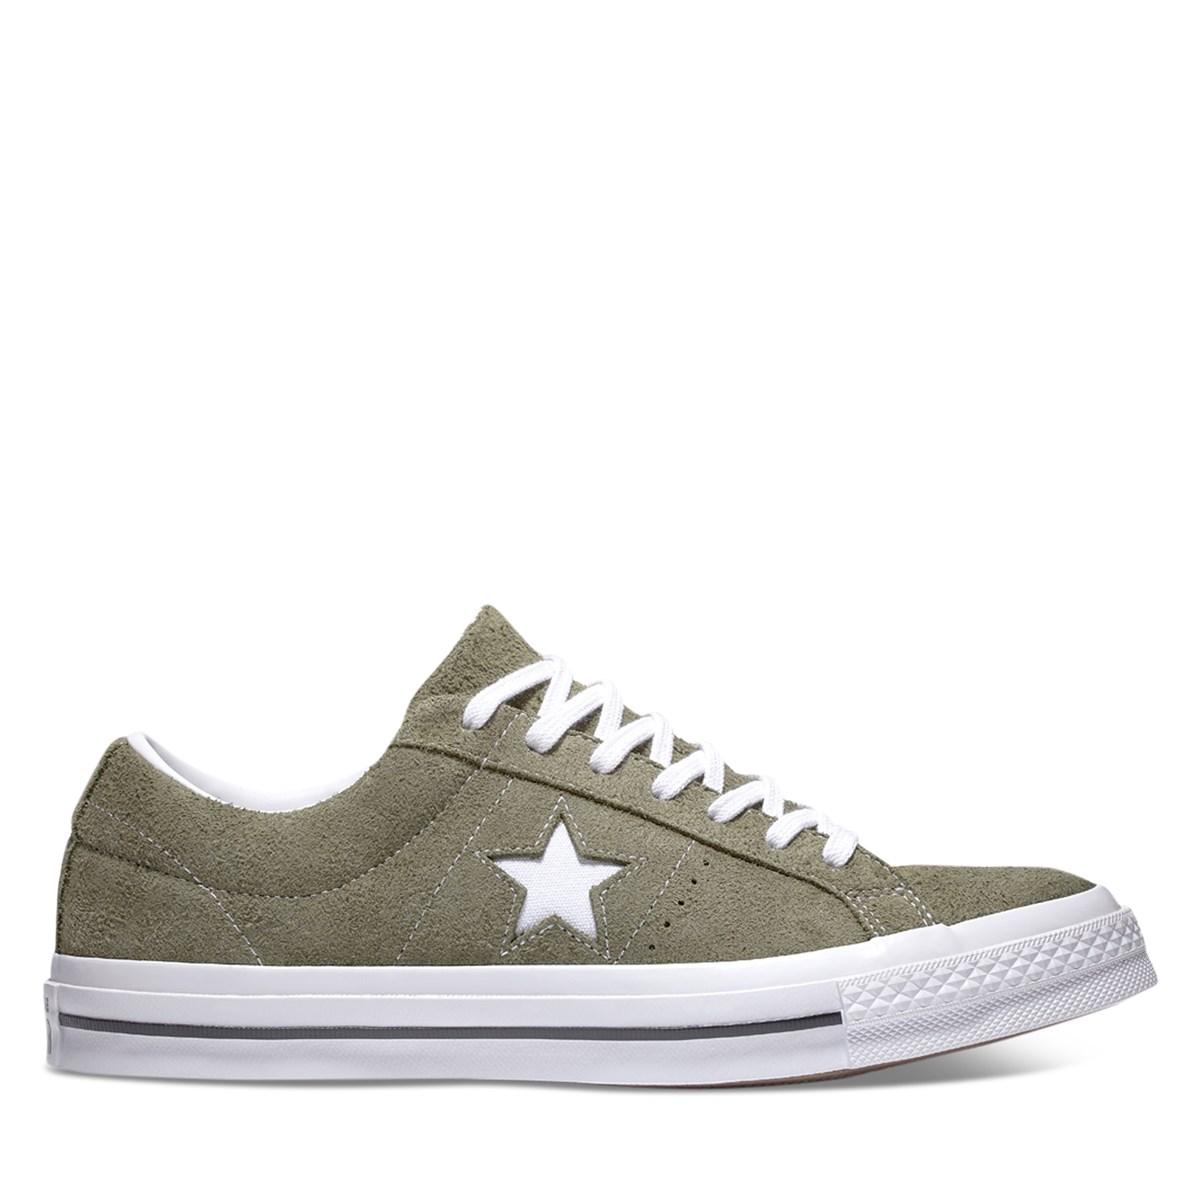 Men's One Star Vintage Suede Sneakers